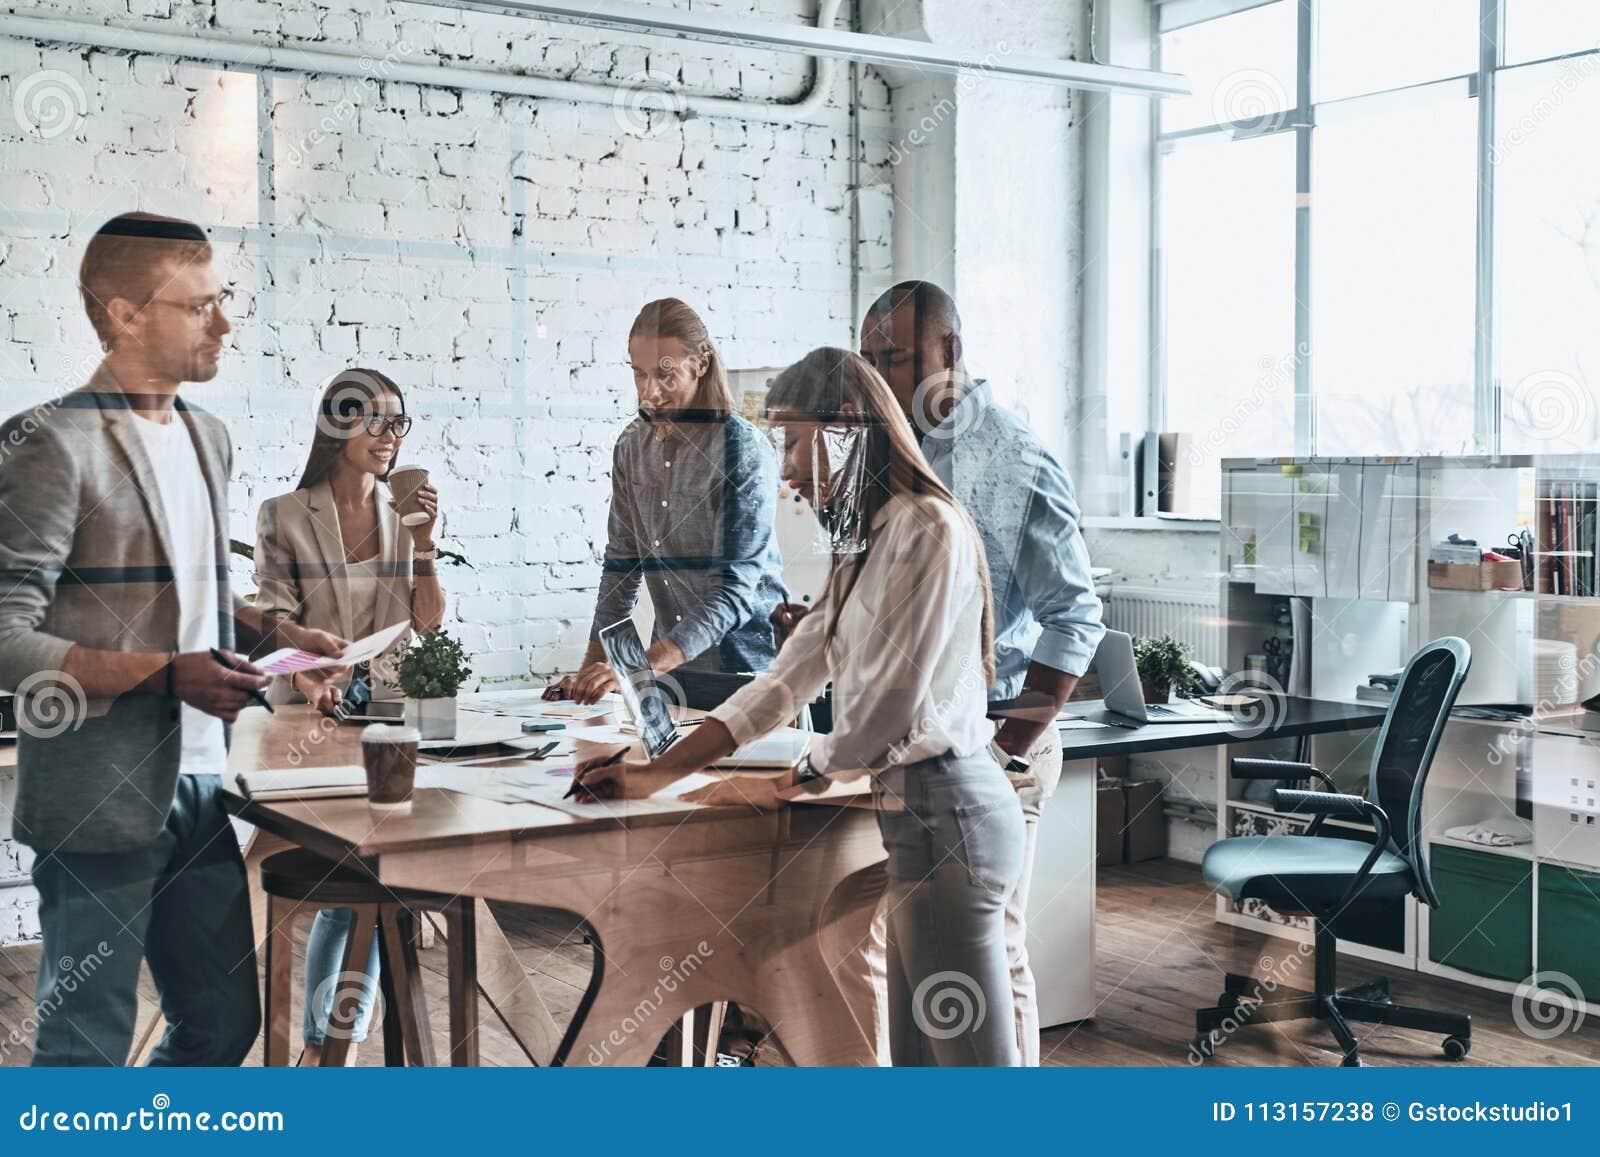 Lag på arbete Grupp av ungt modernt folk i smarta tillfälliga kläder